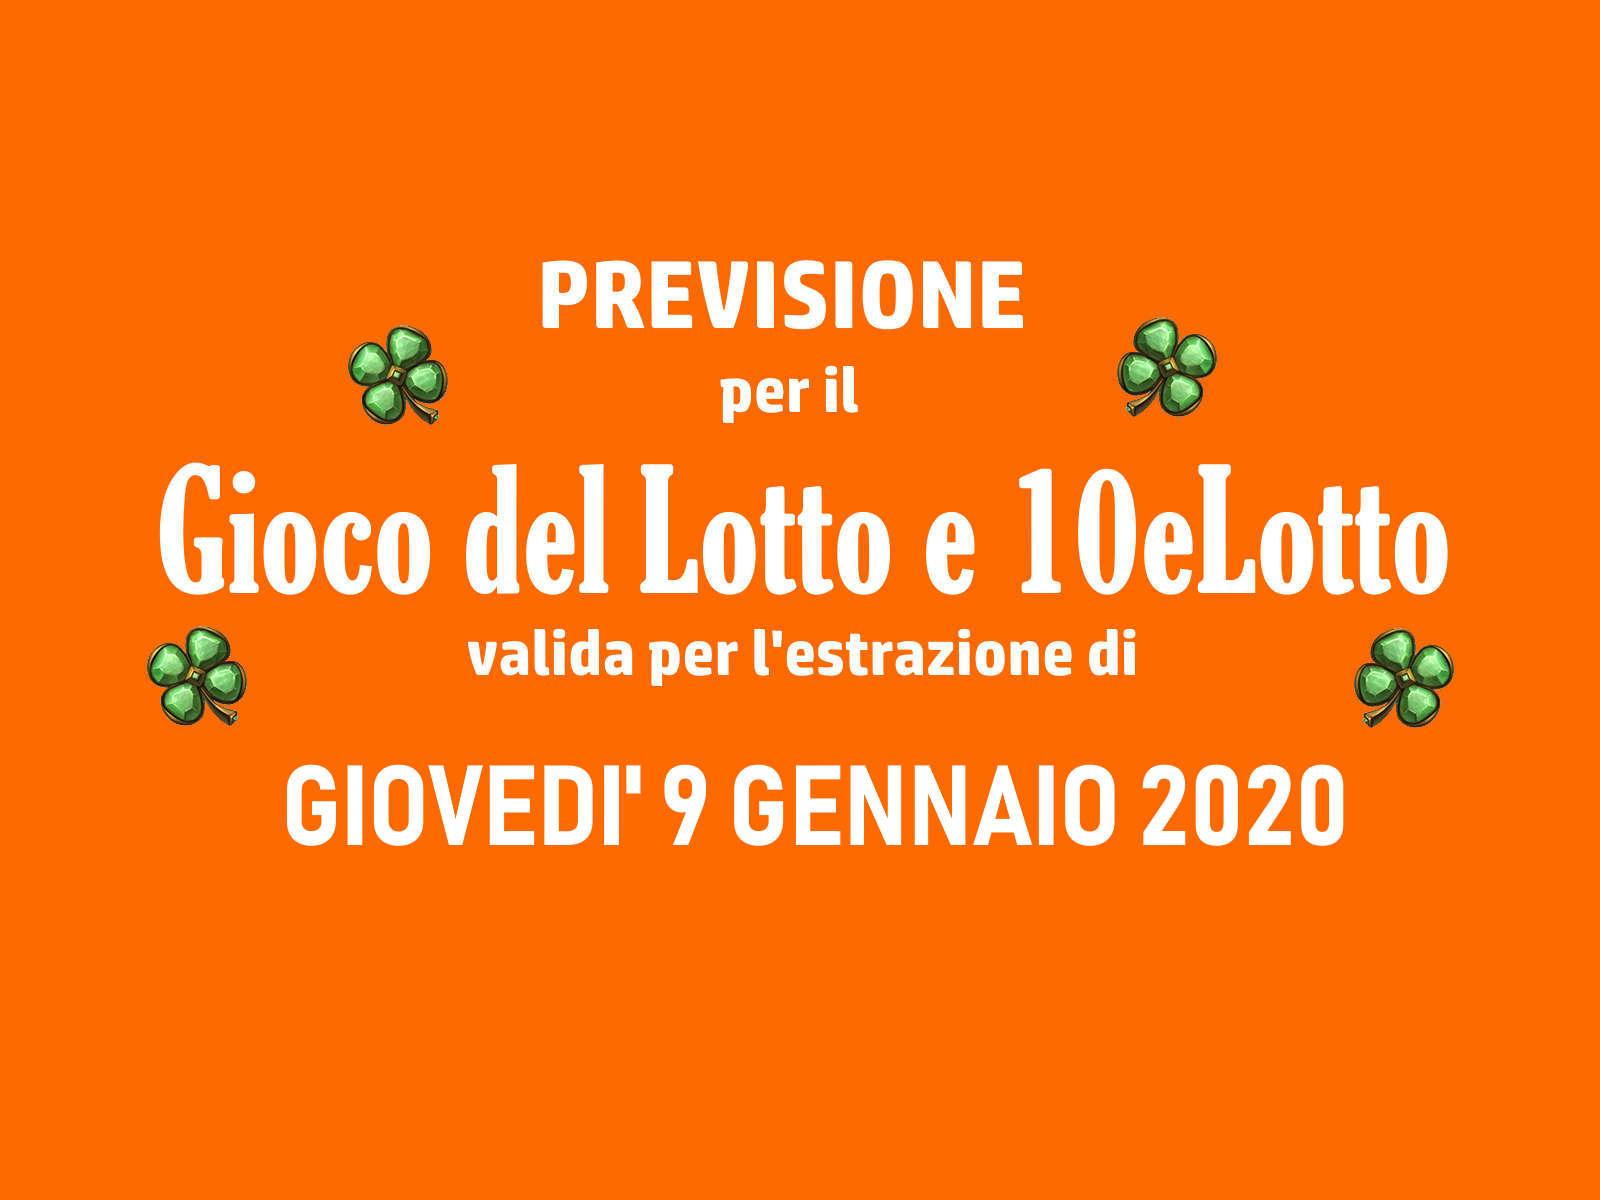 Previsione Lotto 9 Gennaio 2020